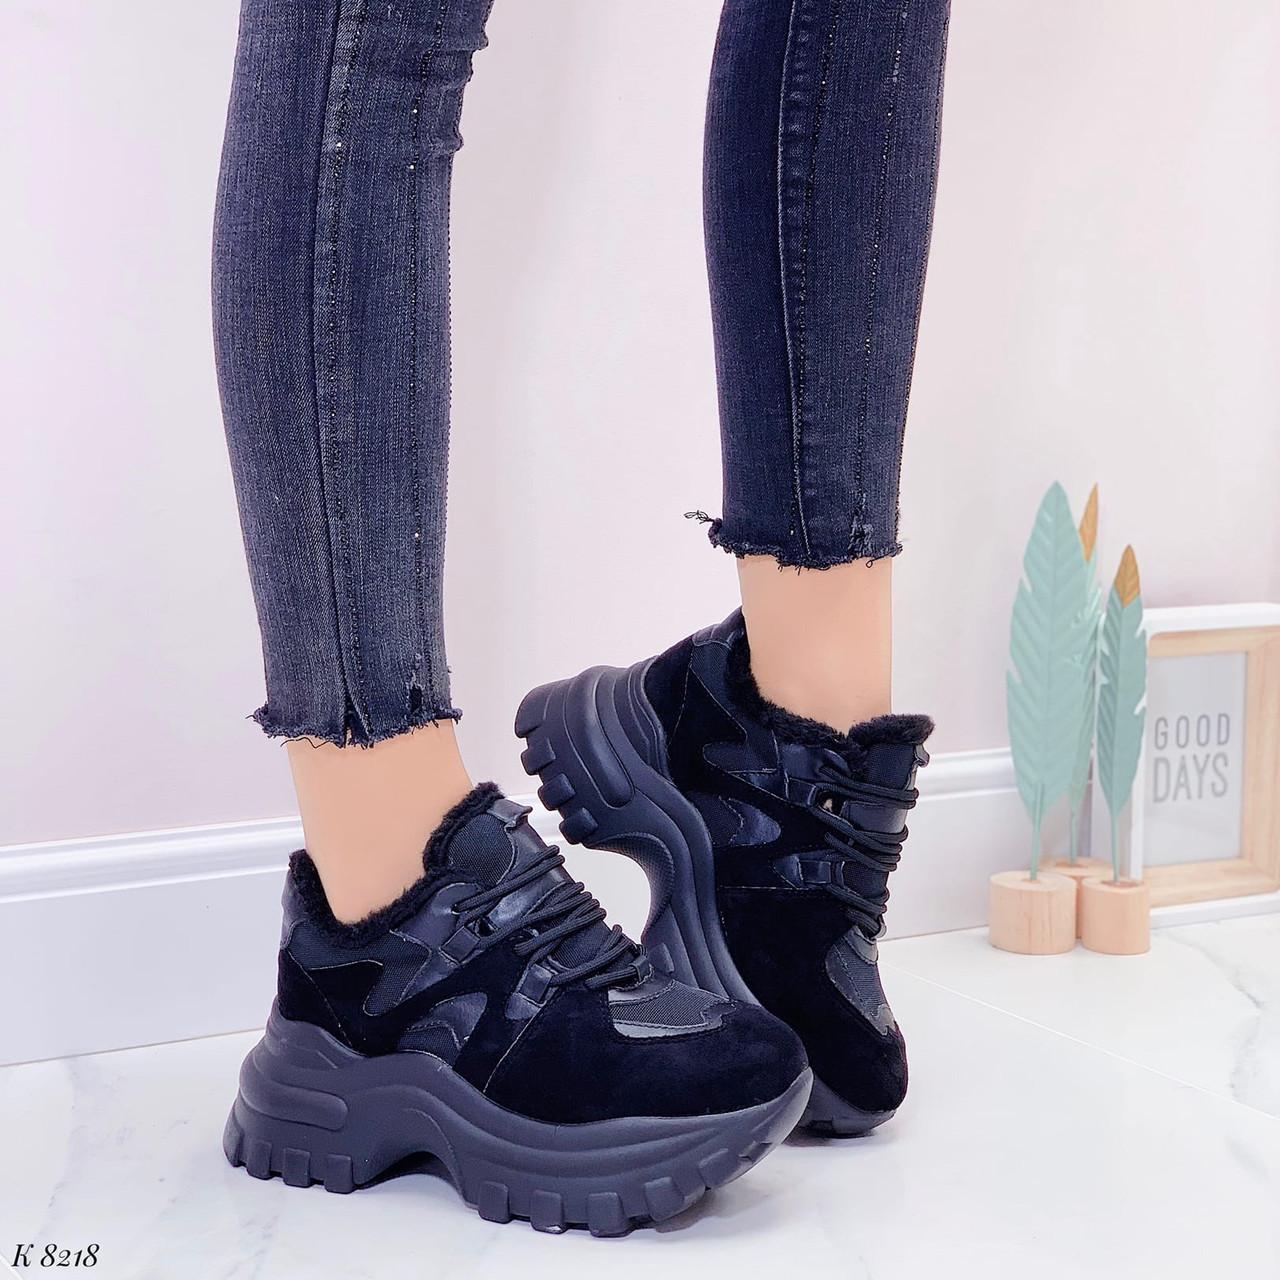 Женские кроссовки ЗИМА / зимние черные на платформе 6 см эко кожа + замша